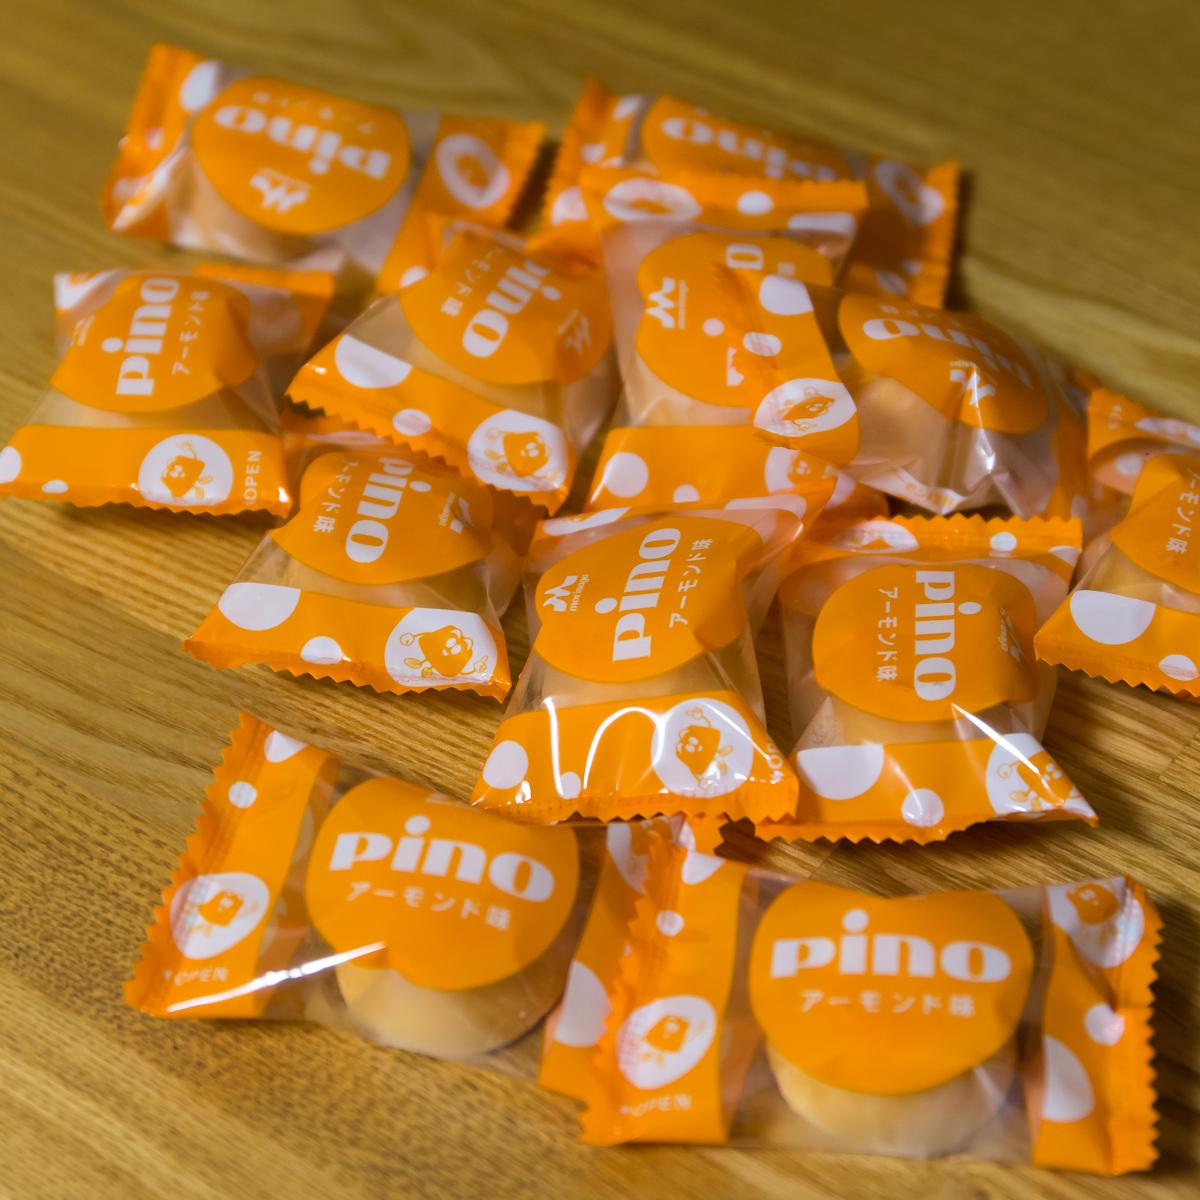 「pino(ピノ) まるごとアーモンド味」(11)